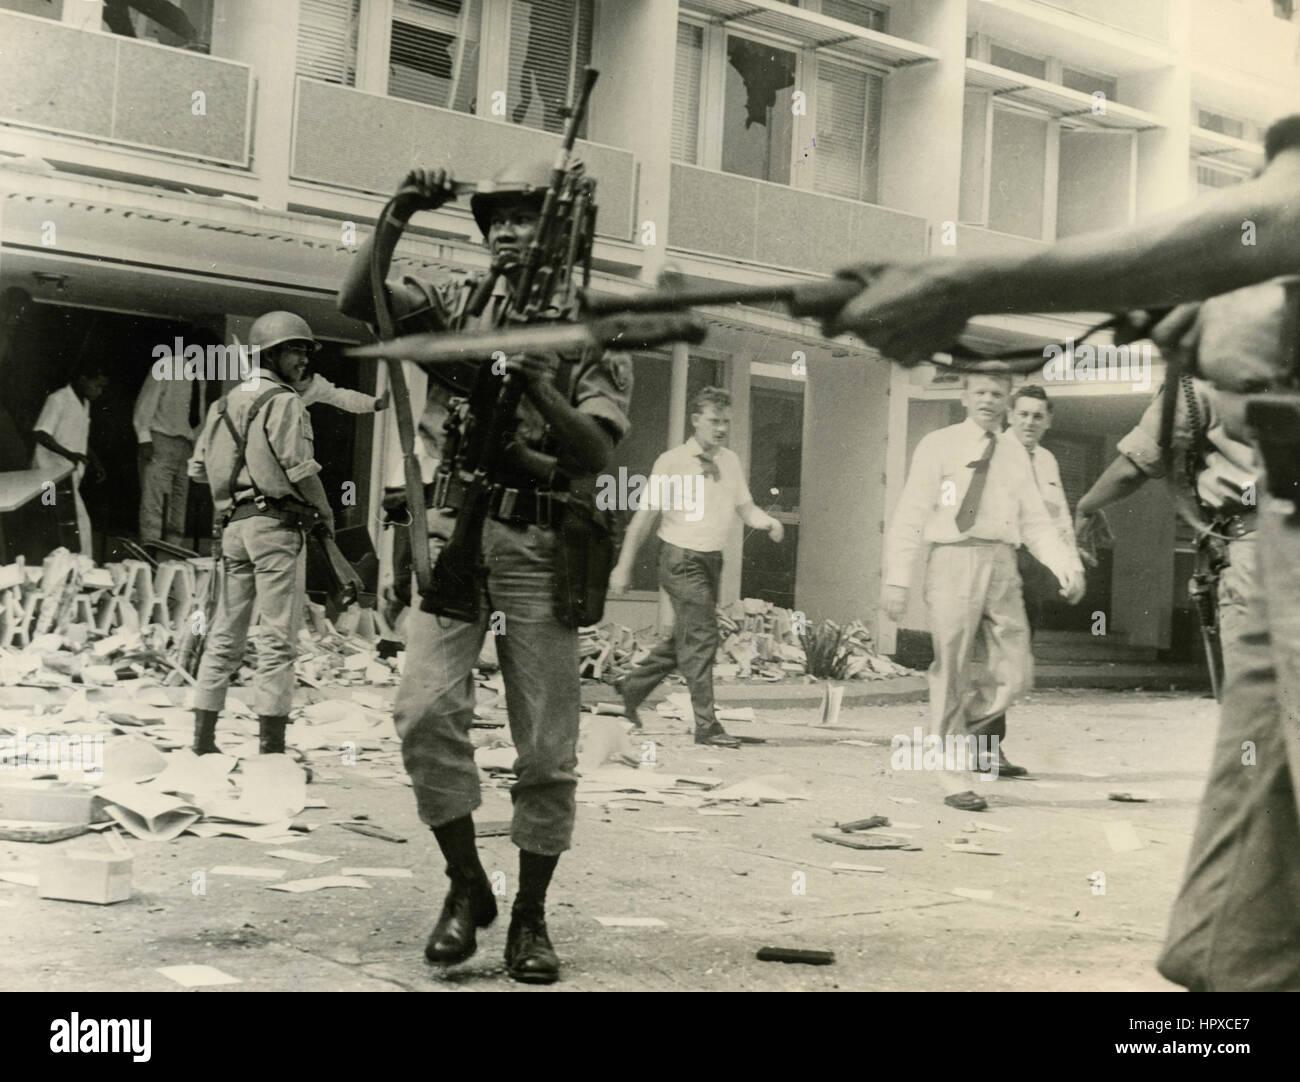 City riots, USA - Stock Image